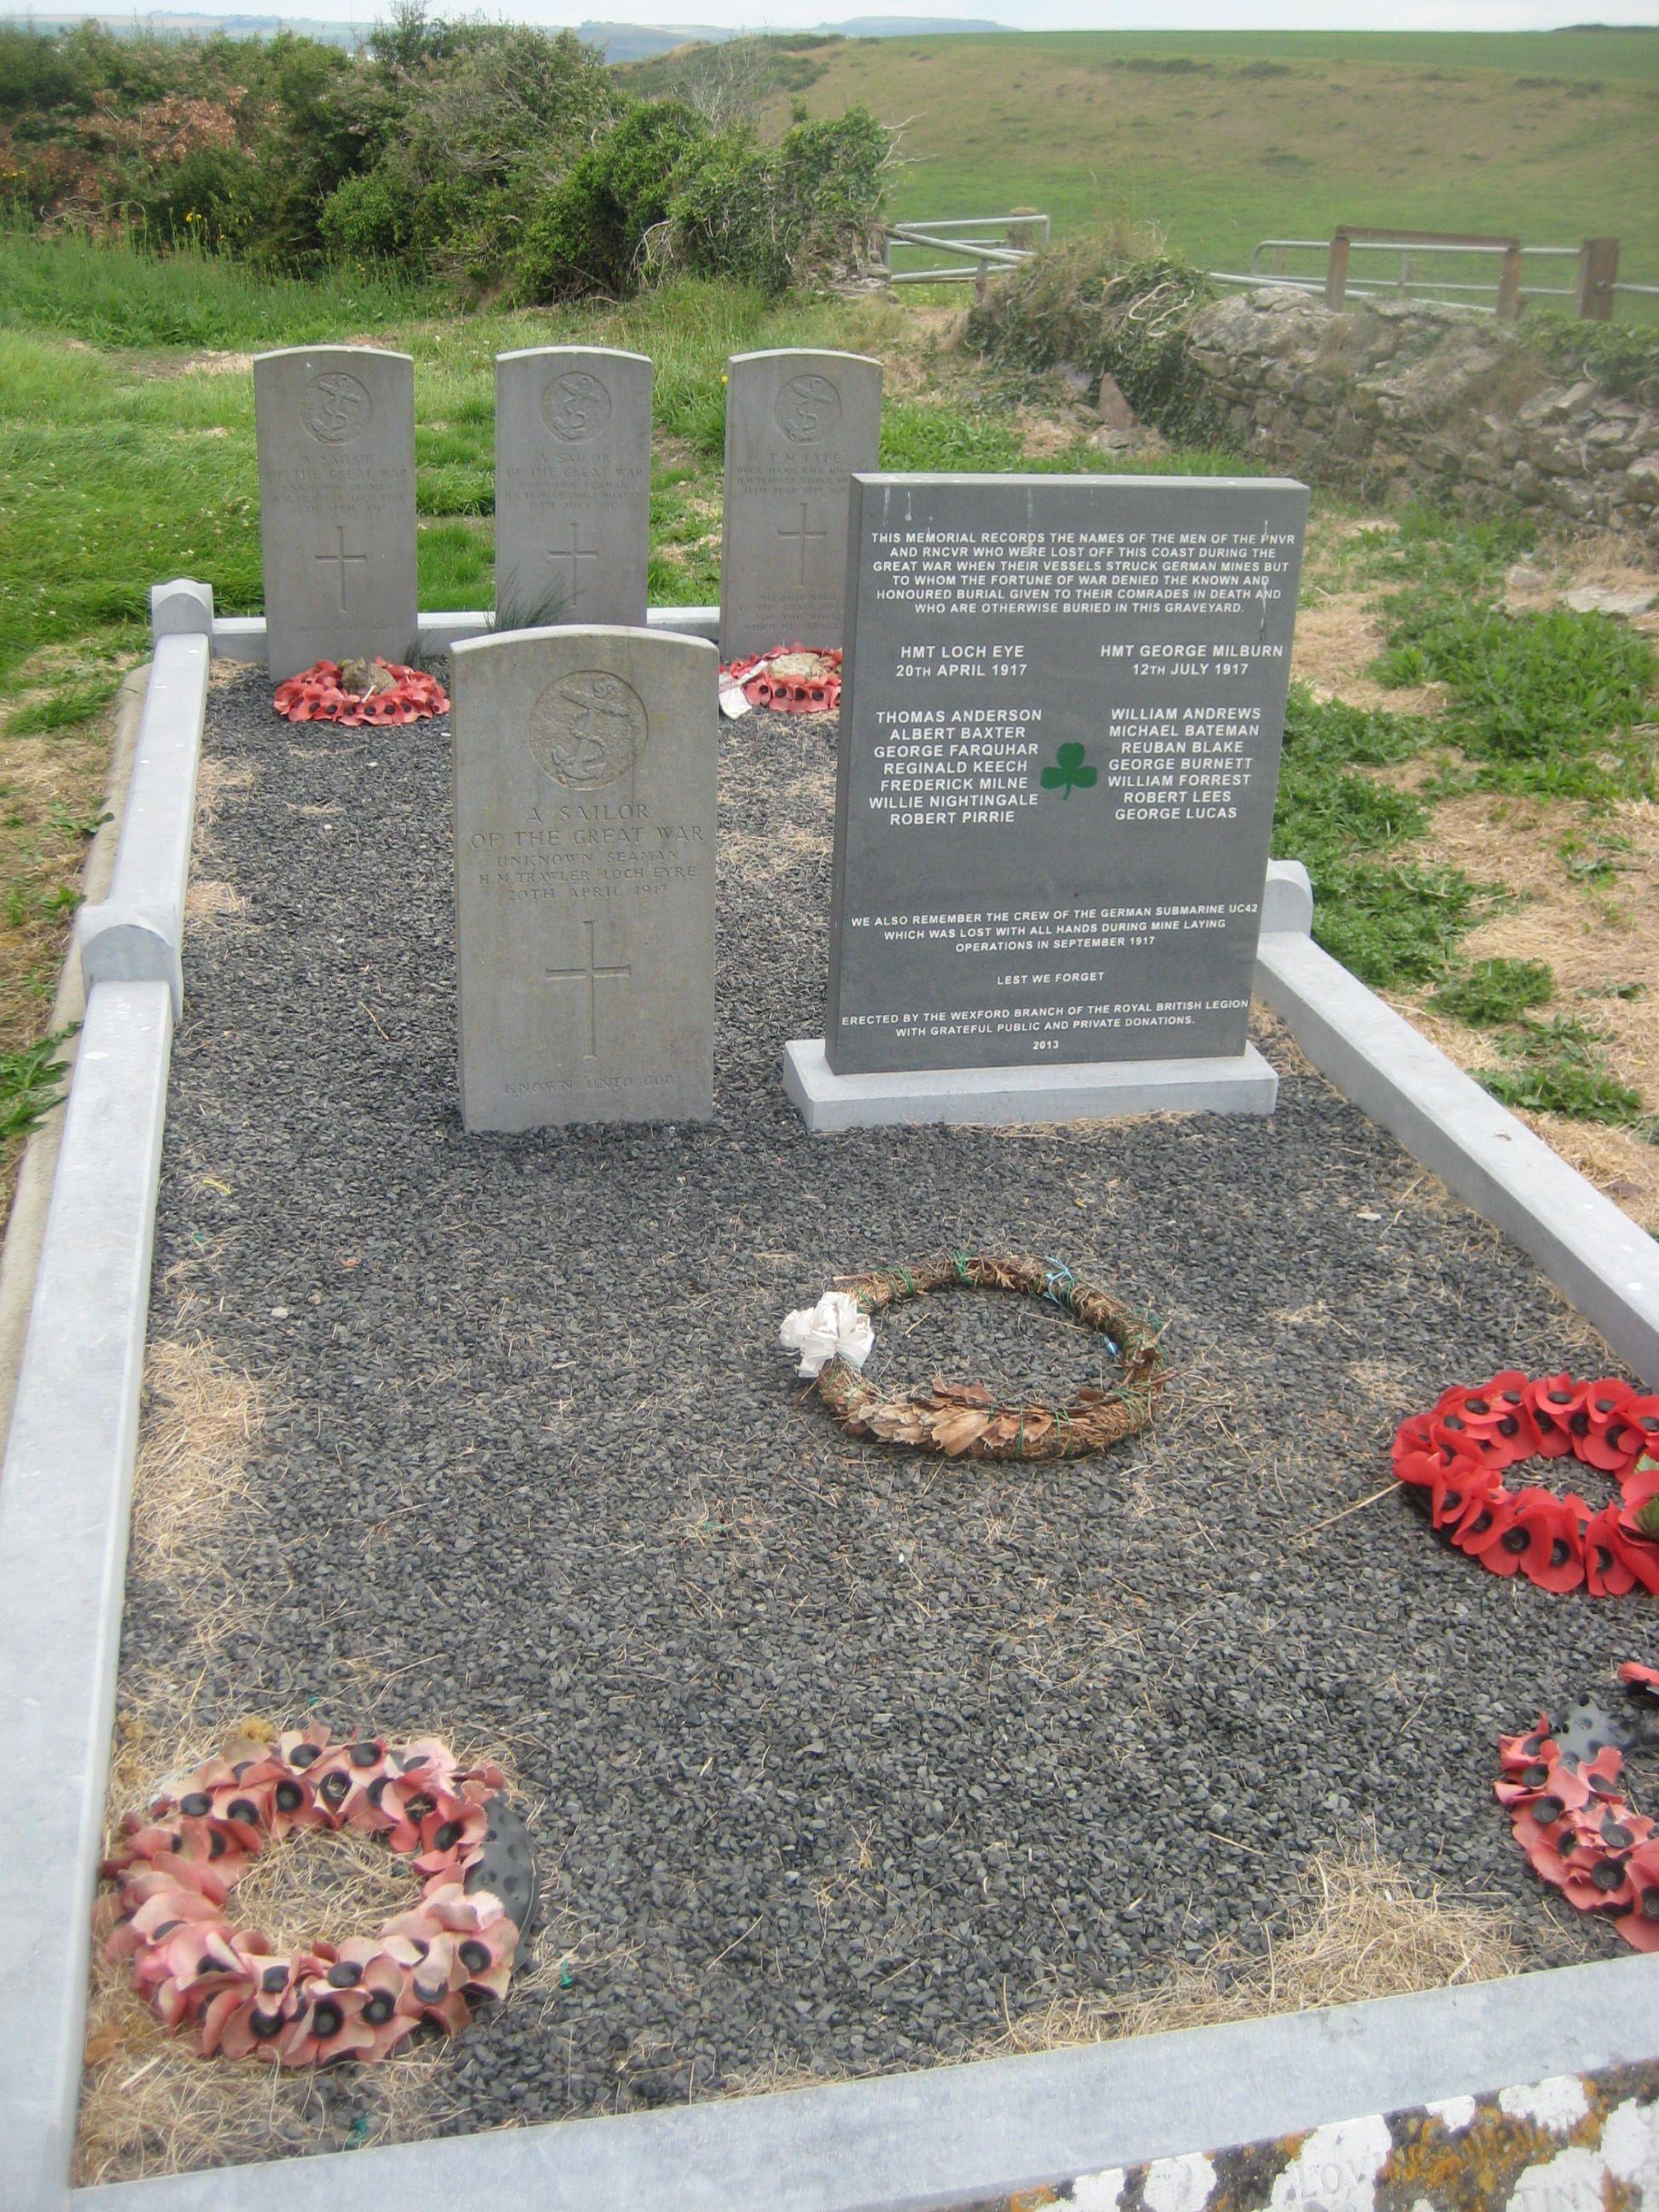 Meegesleept in de Grote Oorlog - Monument Templetown, Hook Island, Ierland.